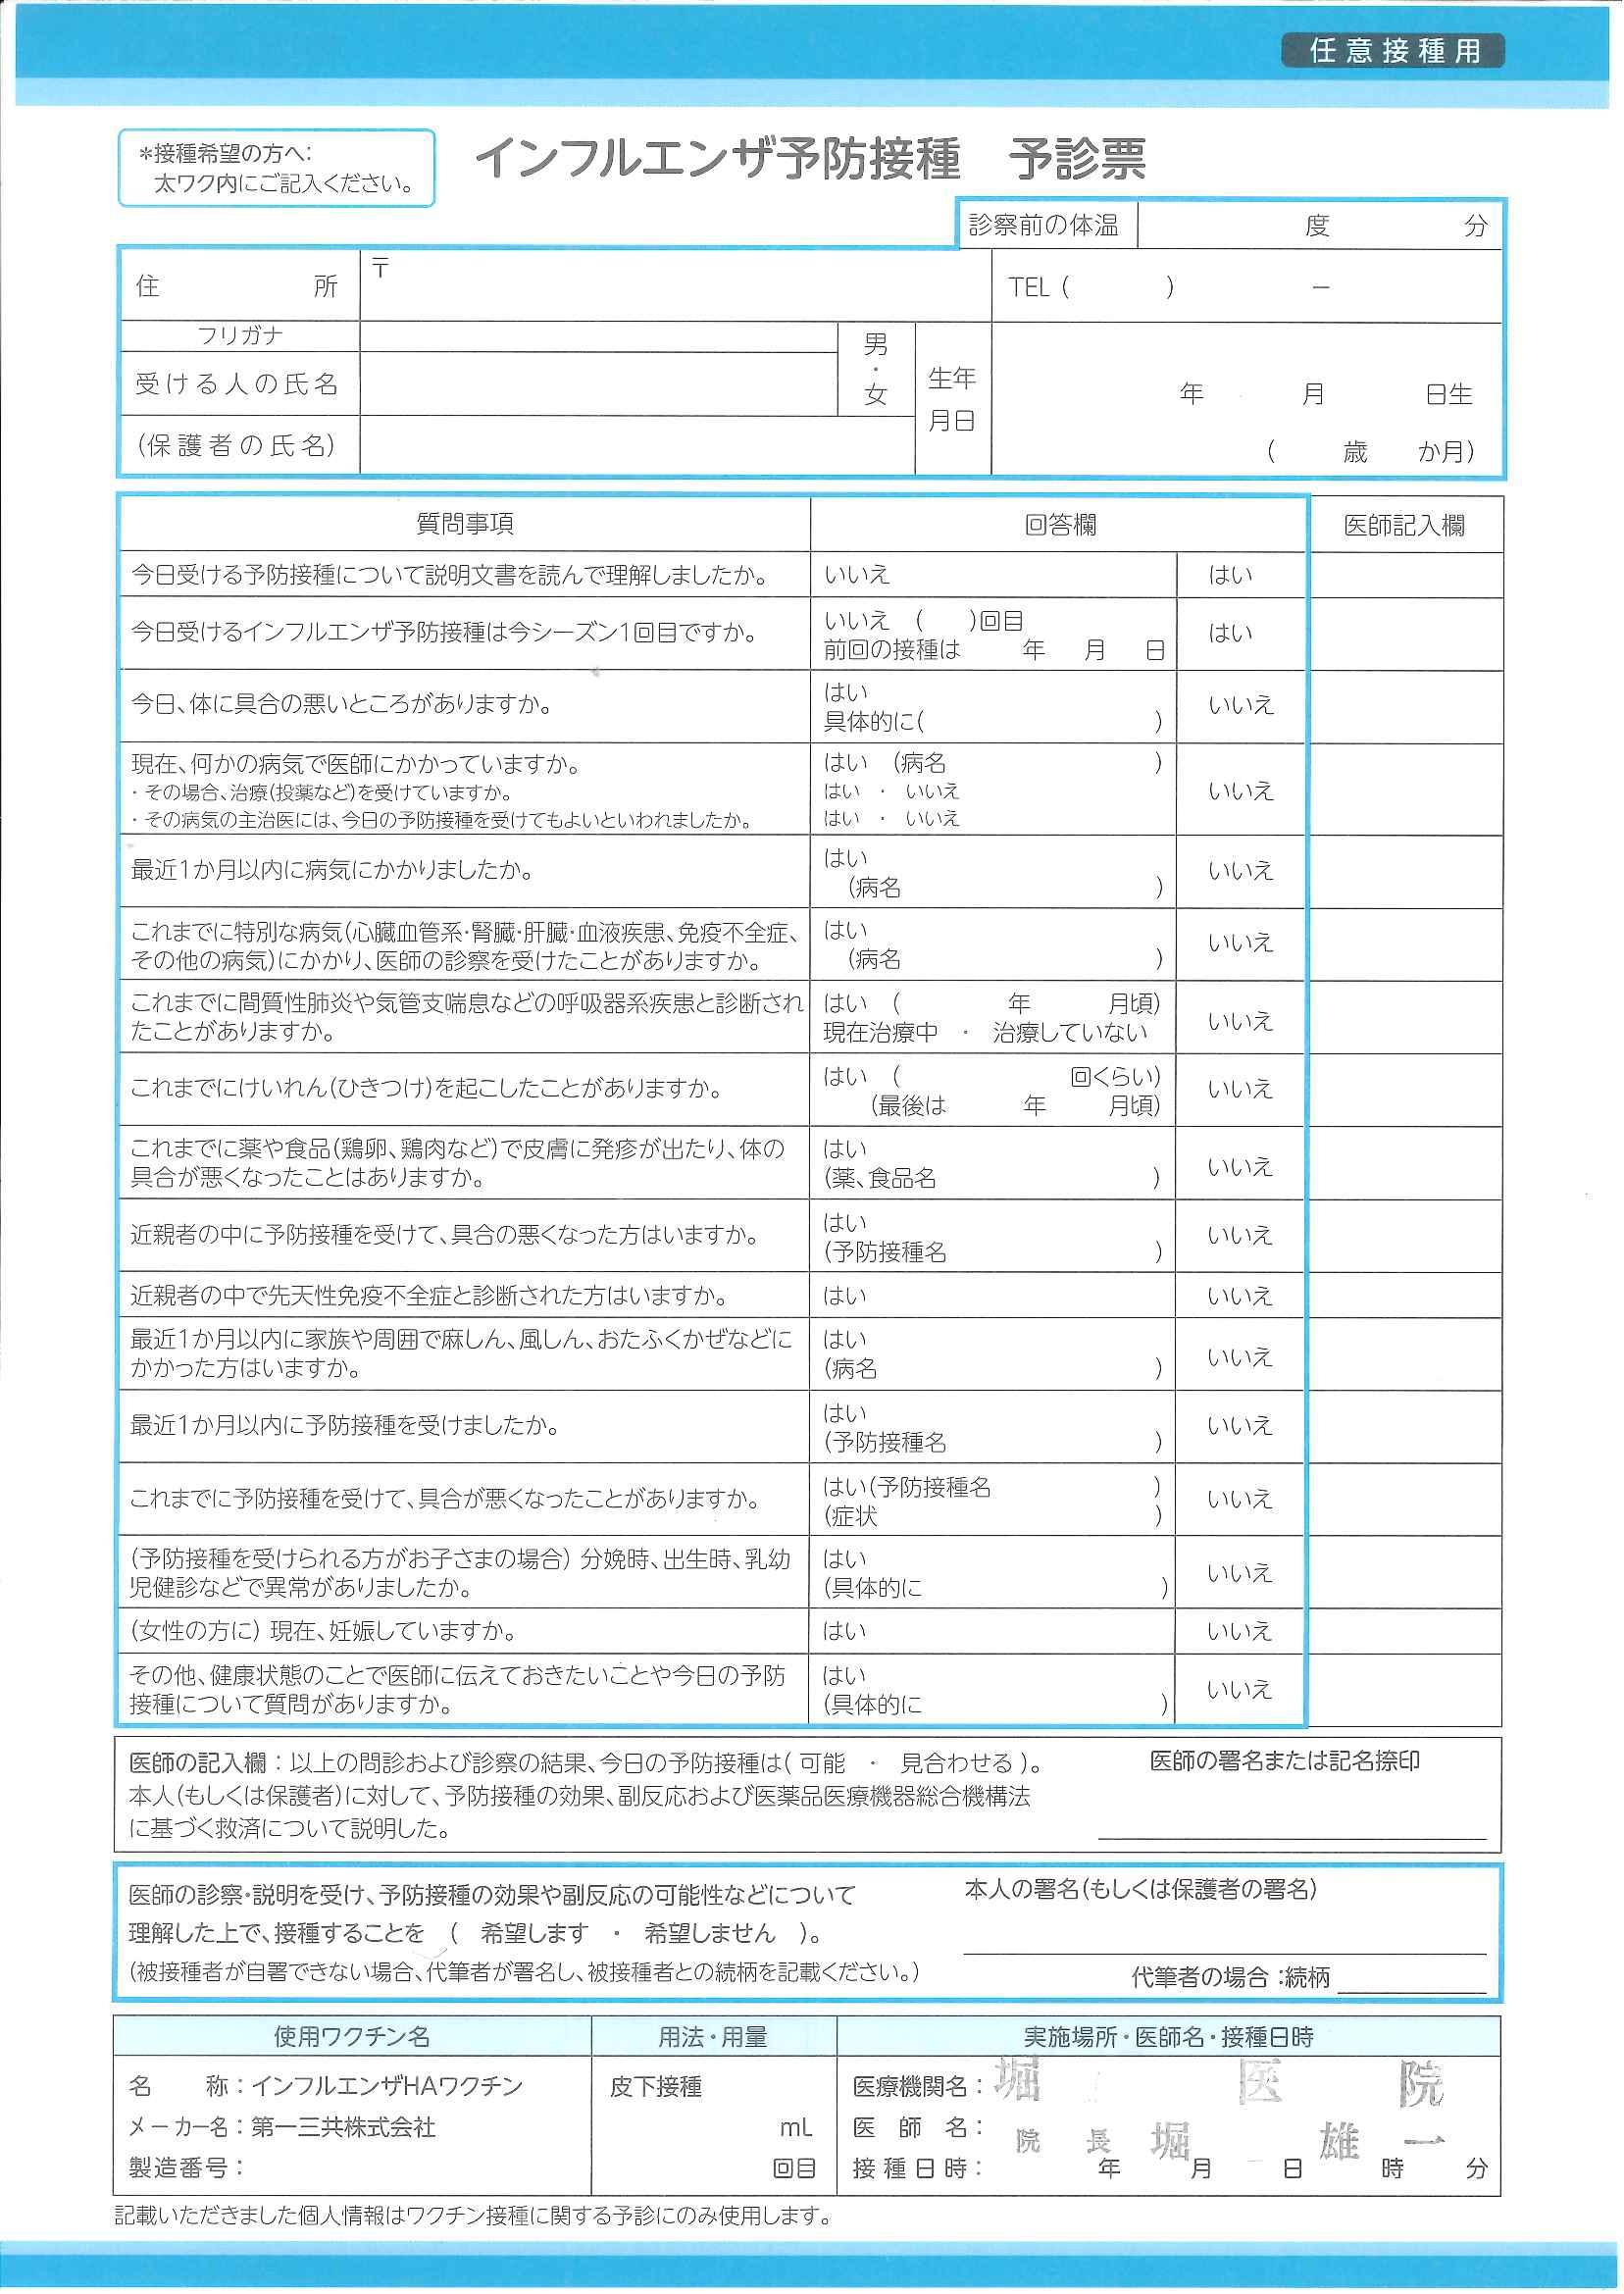 接種 問診 票 インフルエンザ 予防